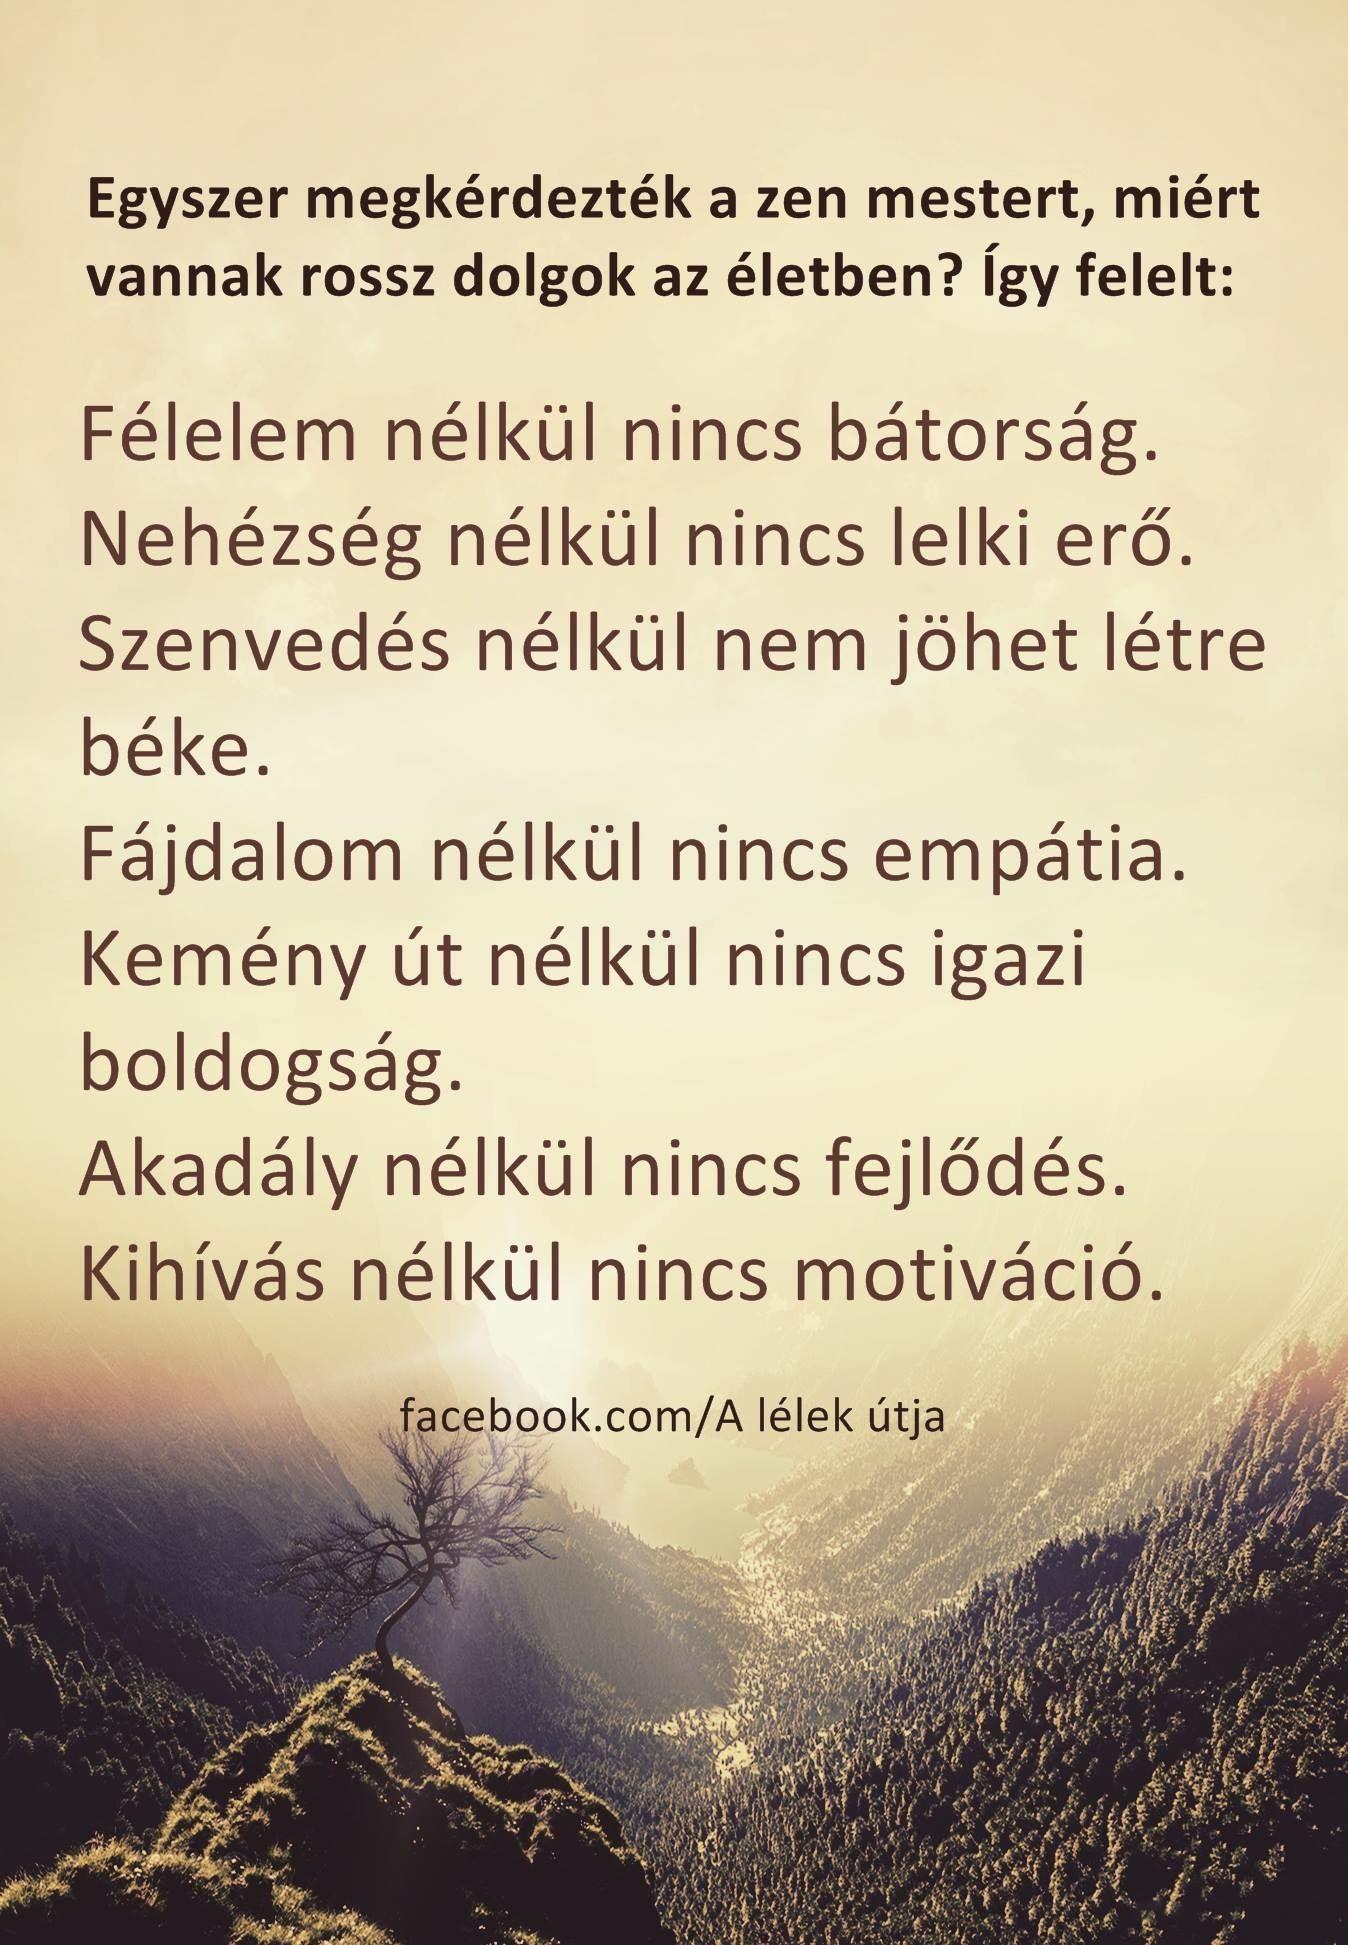 idézetek lelki erő Pin szerzője: Katalin Fábián, közzétéve itt: Képek, idézetek